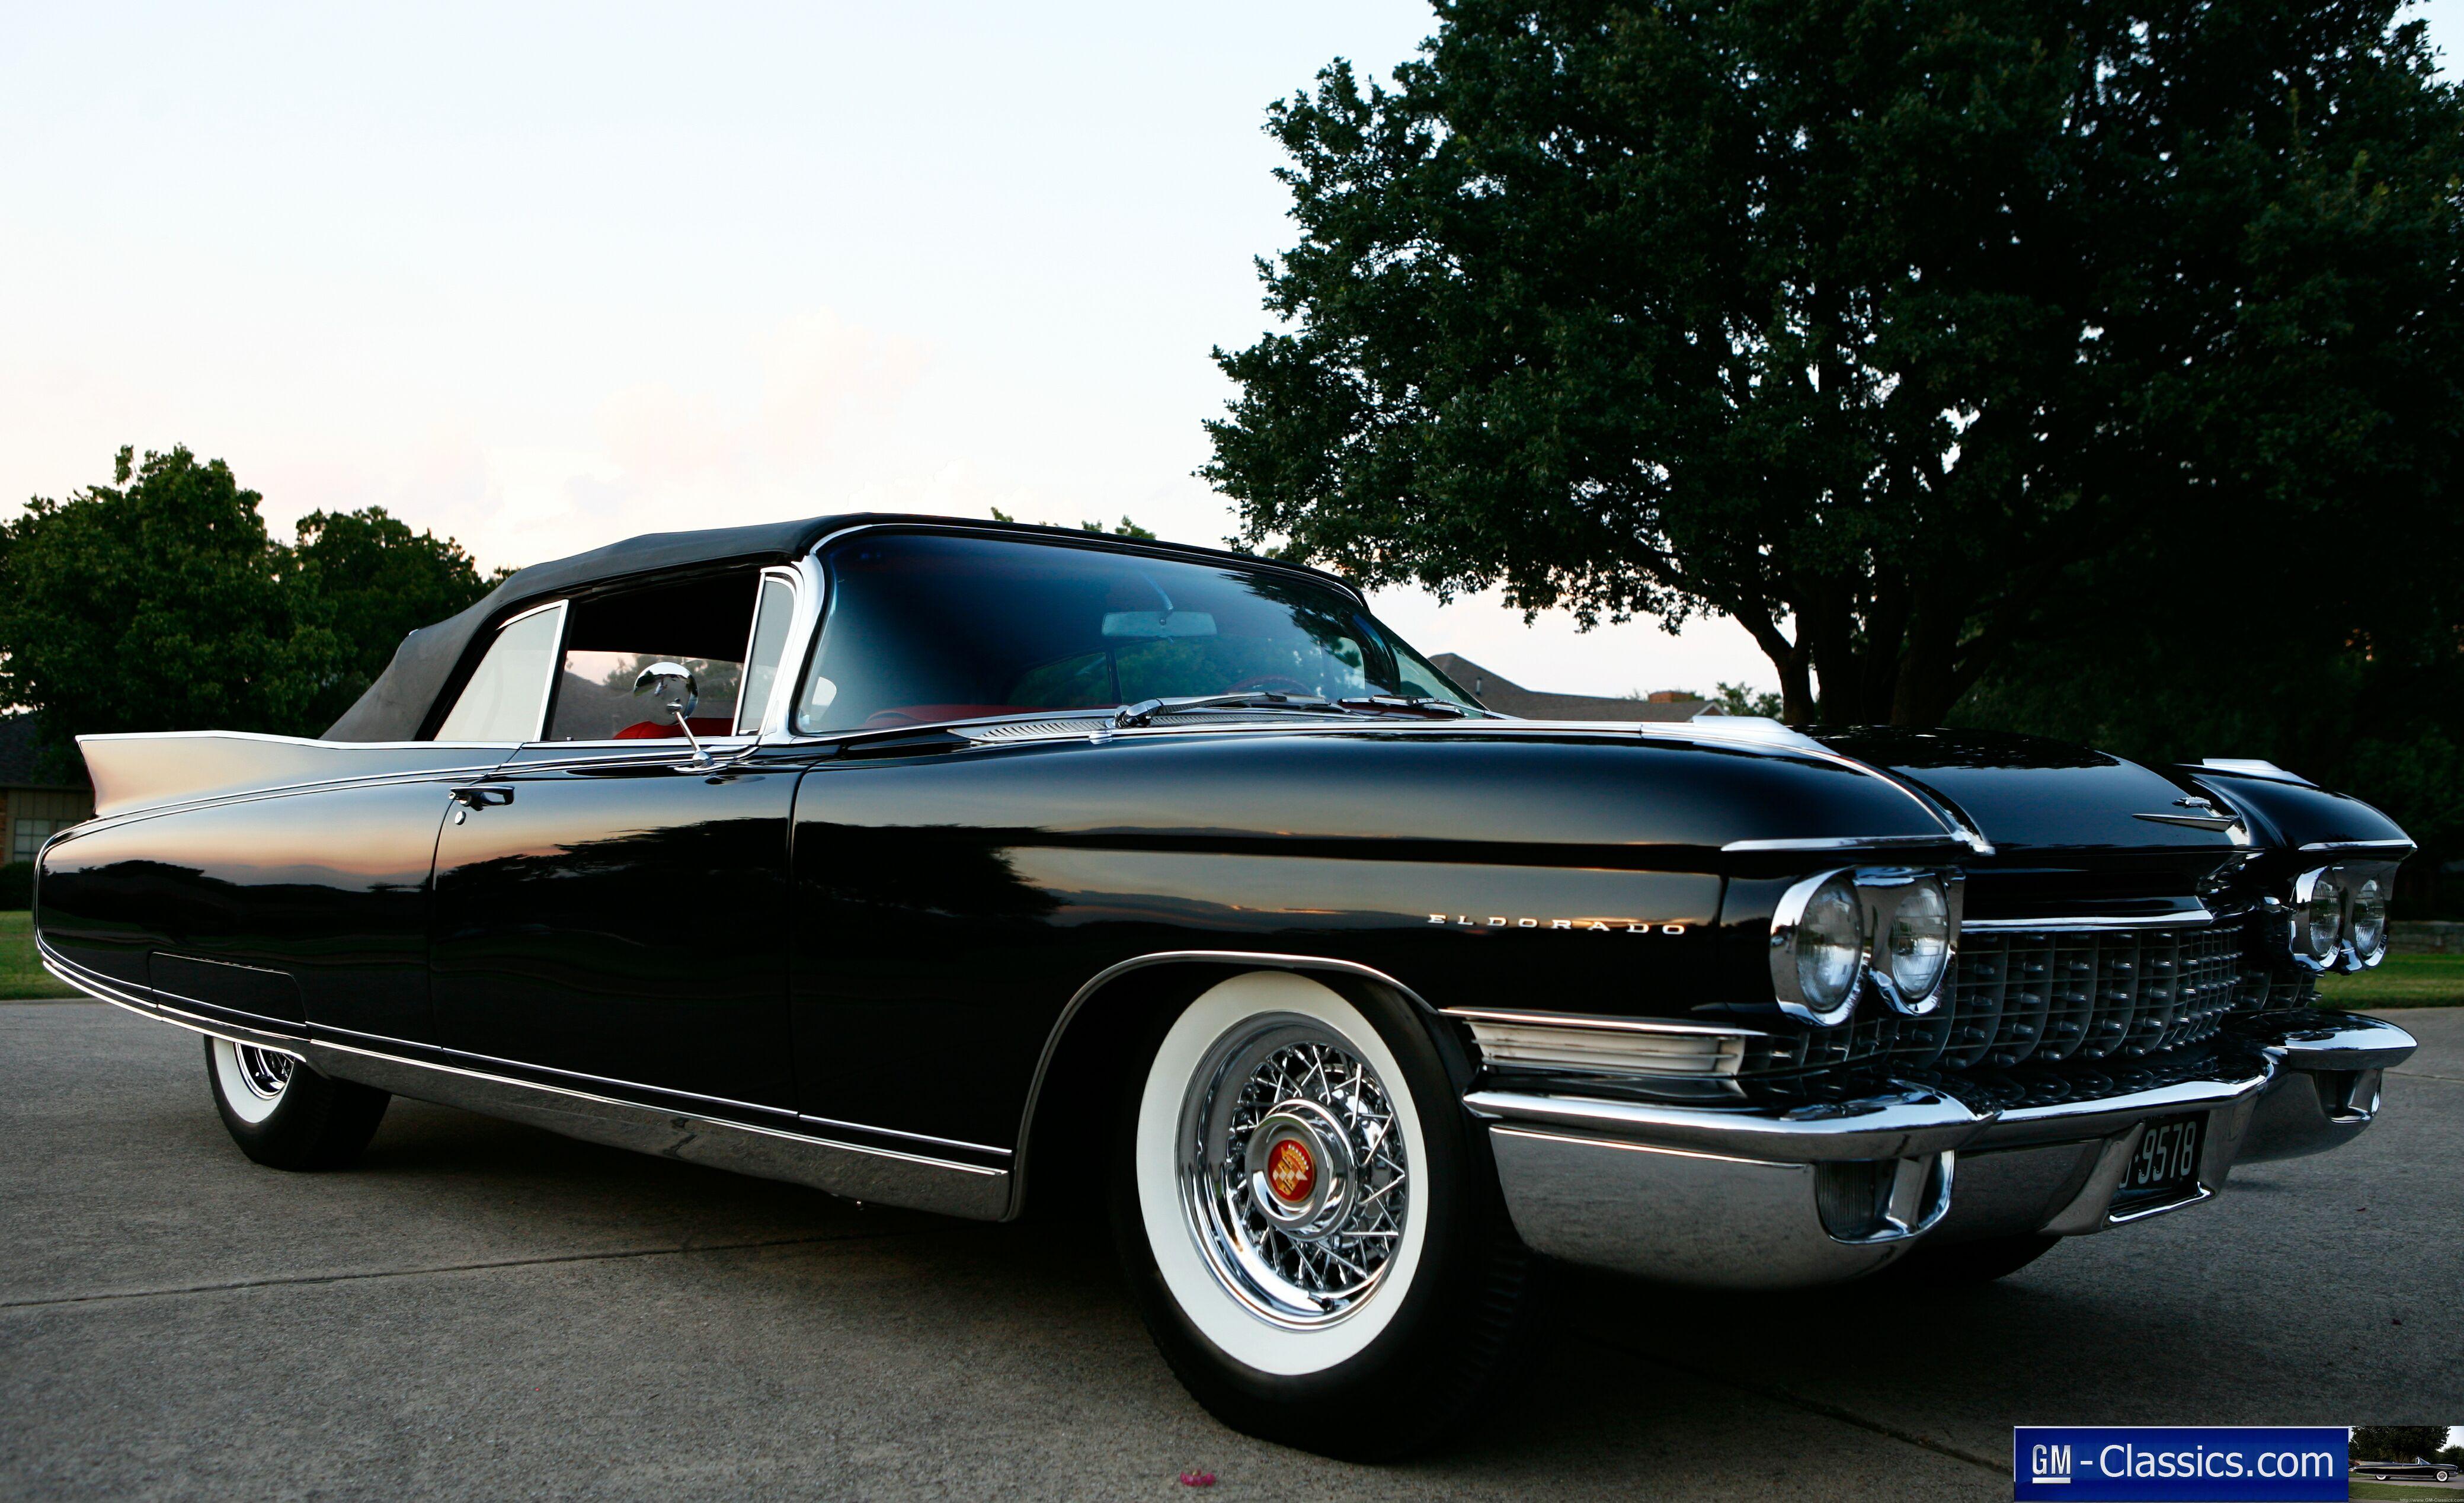 1960 Cadillac Eldorado Biarritz Convertible - GM-Classics.com - Matt Garrett 3040d20bbc88